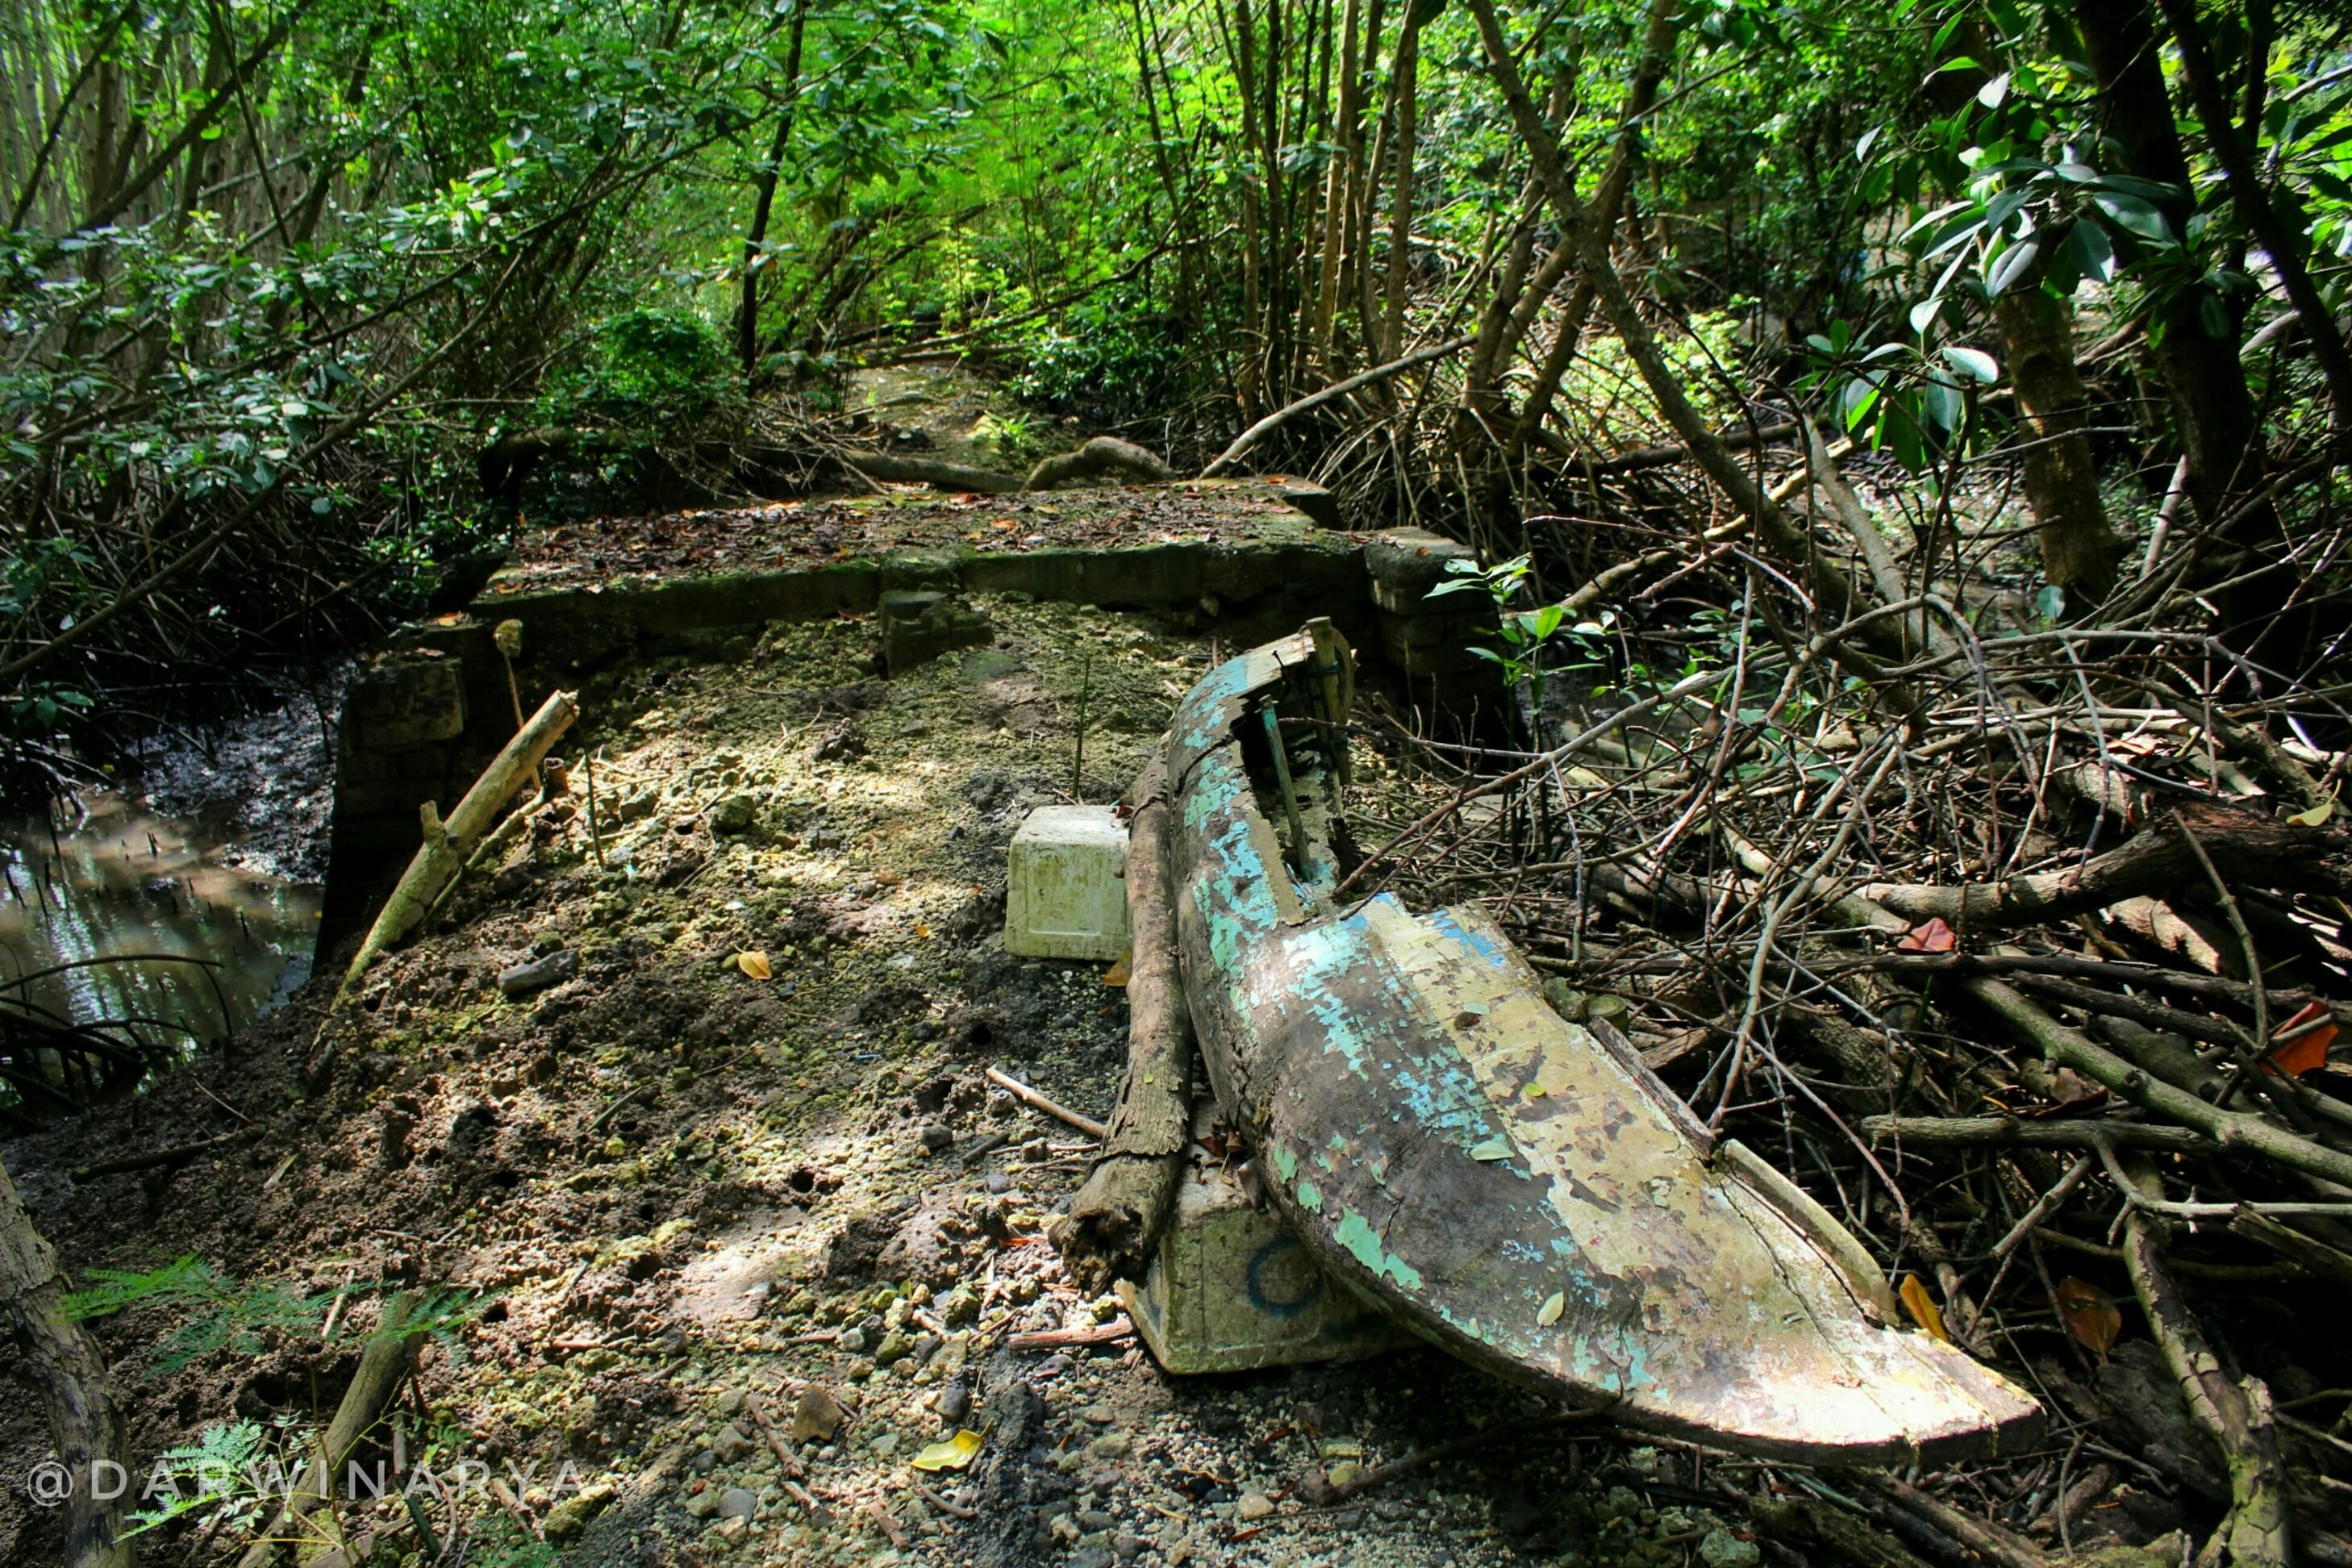 Sebuah Perahu Kano Rusak dan Dibiarkan Ditengah Hutan Mangrove Bali / dap